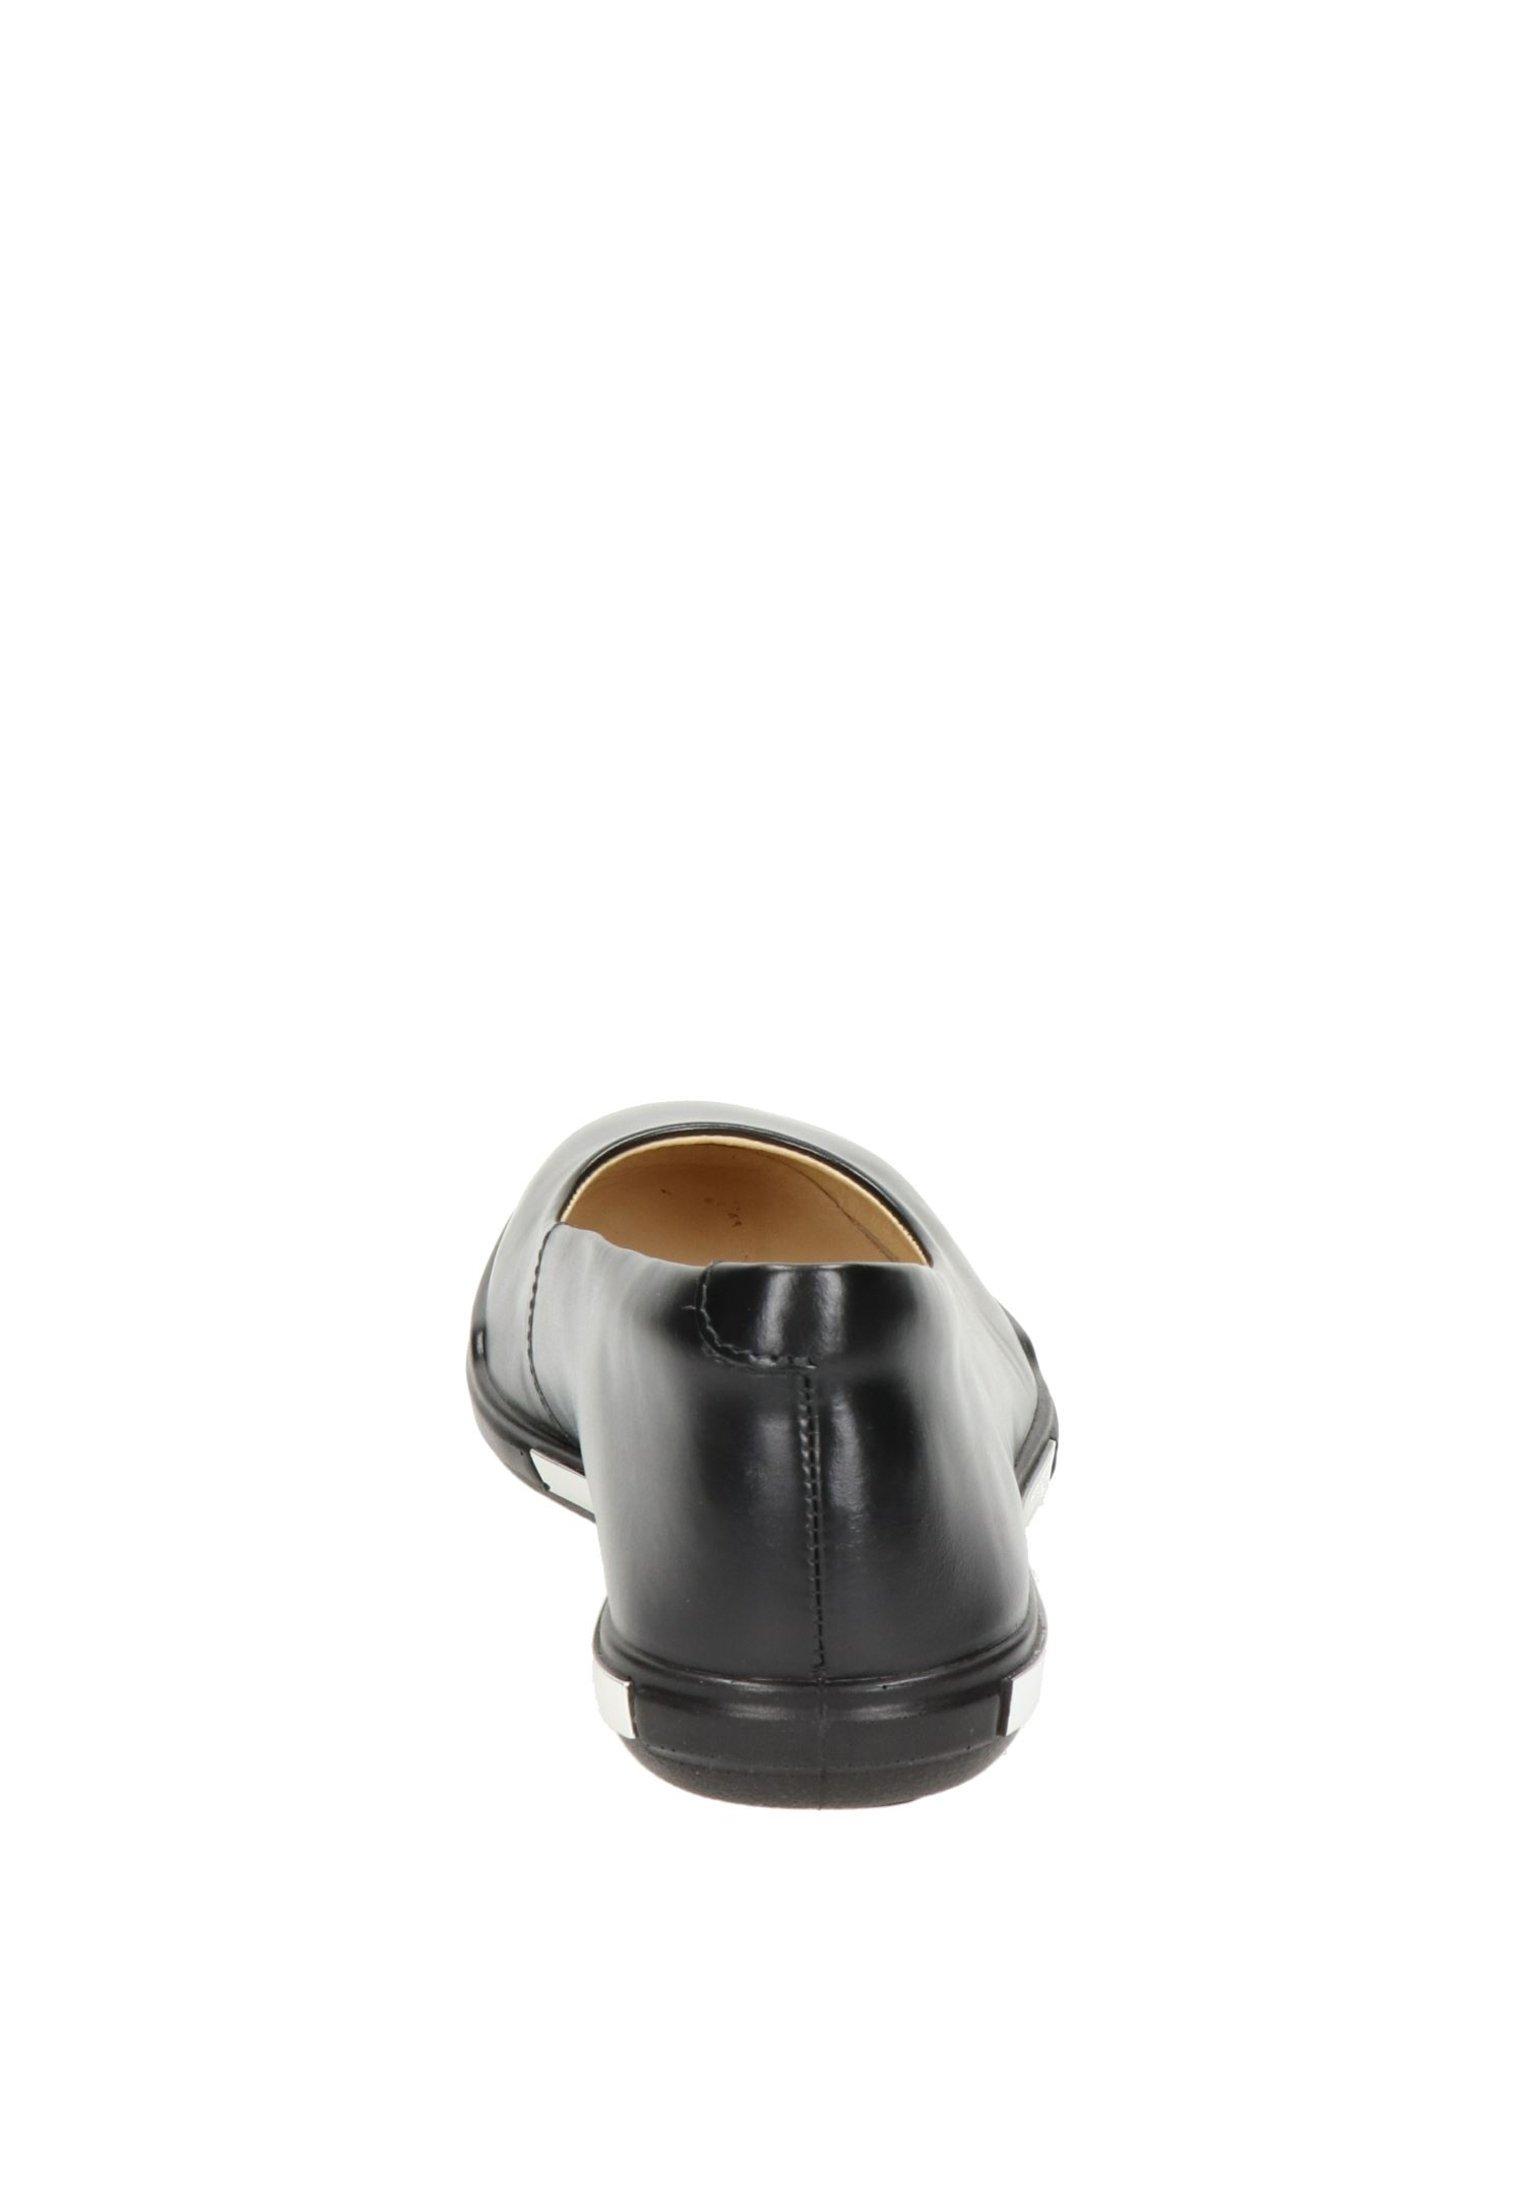 ECCO Slipper - zwart  Halbschuhe für Damen 5fvIl